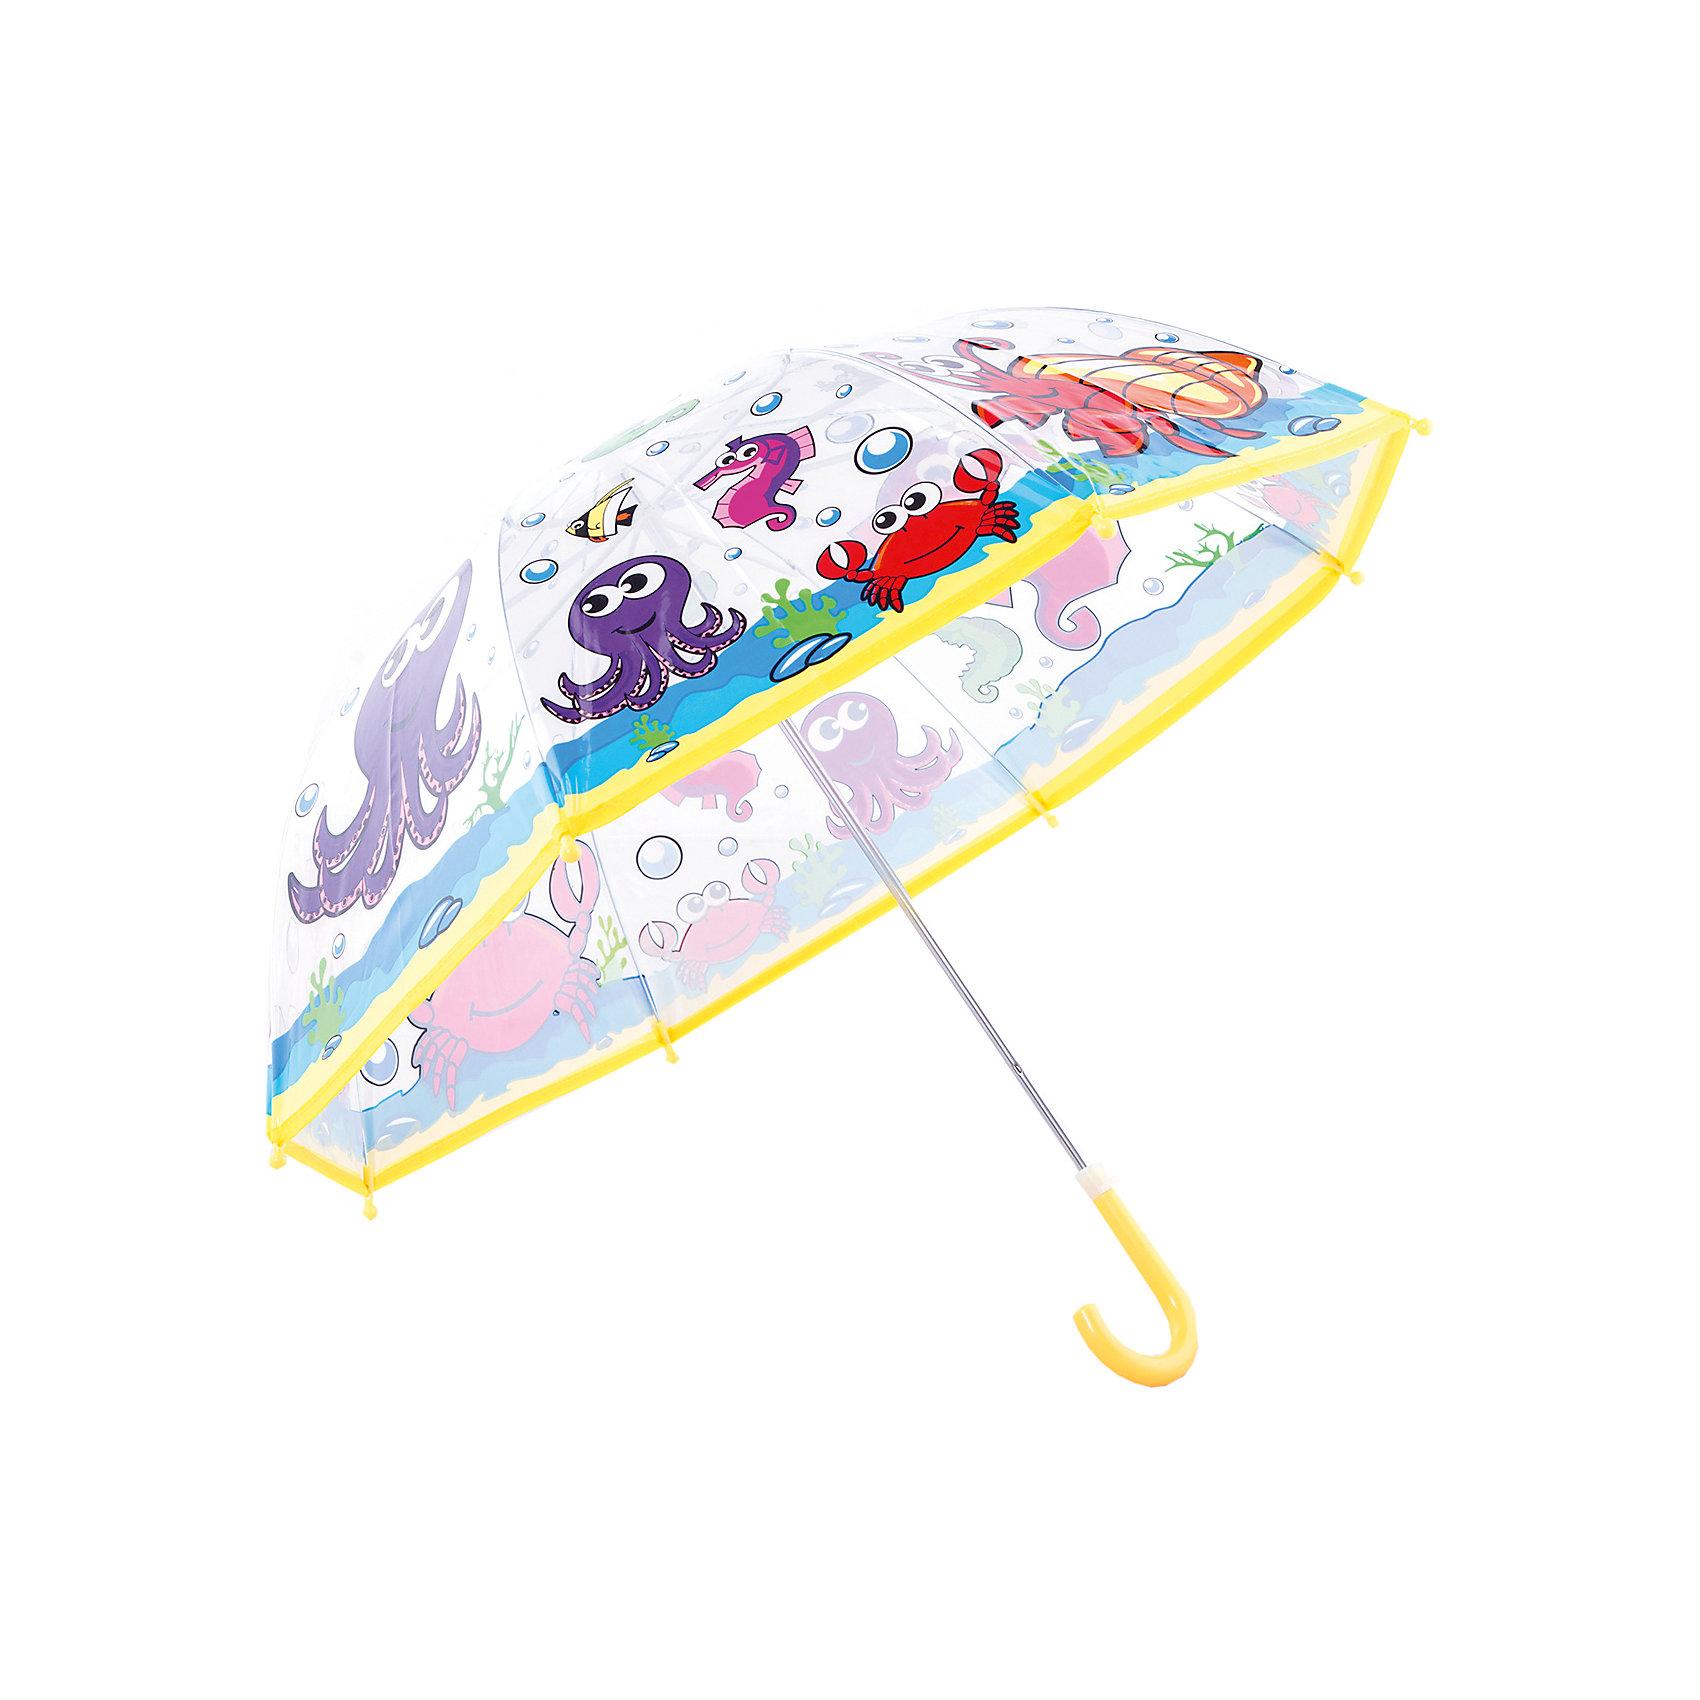 Зонт детский Подводный мир, 46 см.Зонты детские<br>Детский зонтик-тросточка с забавным принтом защитит ребенка от непогоды. Зонтик не боится дождя и ветра благодаря прочному креплению купола к каркасу. <br> Технические характеристики: <br> Механическая система складывания; <br> Концы спиц закрыты пластиковыми шариками; <br> Пластиковый фиксатор на стержне зонтика;  <br> Радиус купола - 46 см.<br><br>Ширина мм: 600<br>Глубина мм: 200<br>Высота мм: 700<br>Вес г: 250<br>Возраст от месяцев: 36<br>Возраст до месяцев: 2147483647<br>Пол: Унисекс<br>Возраст: Детский<br>SKU: 5508519